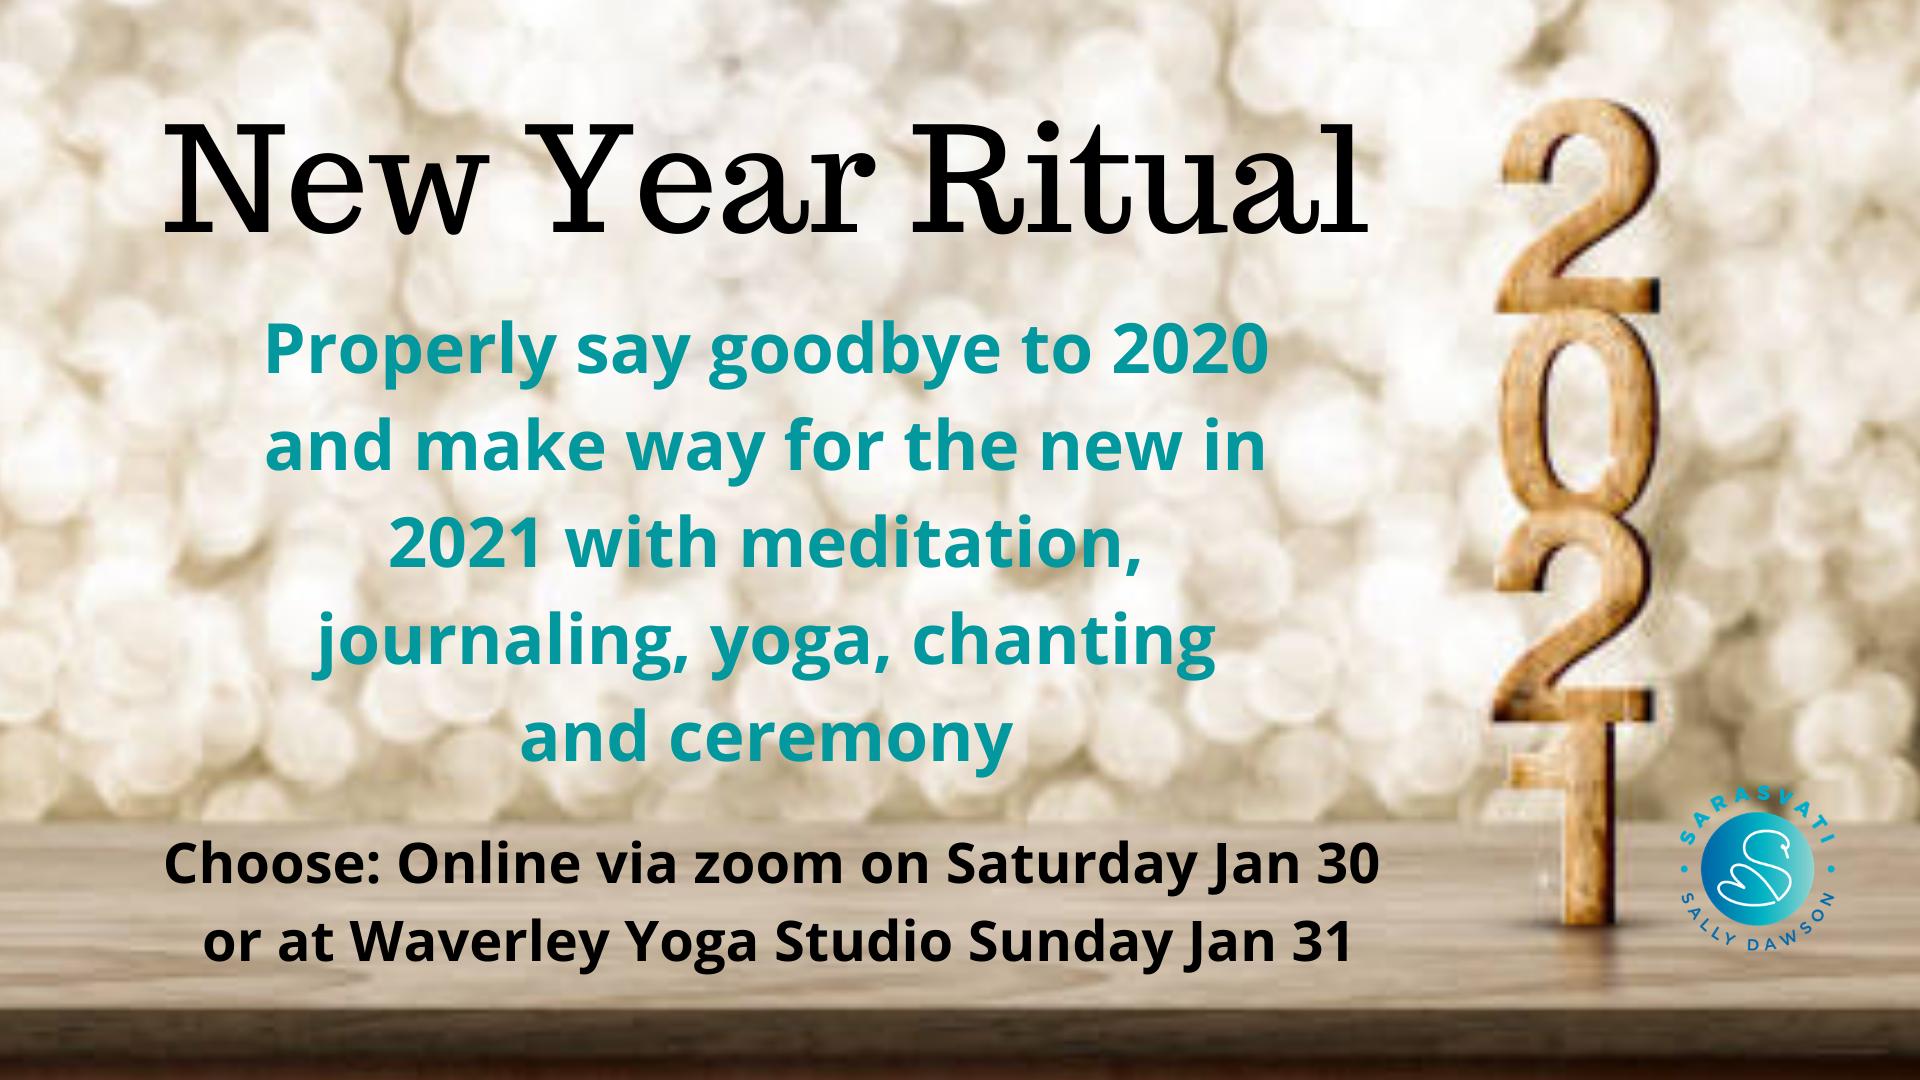 New Year Ritual 2021